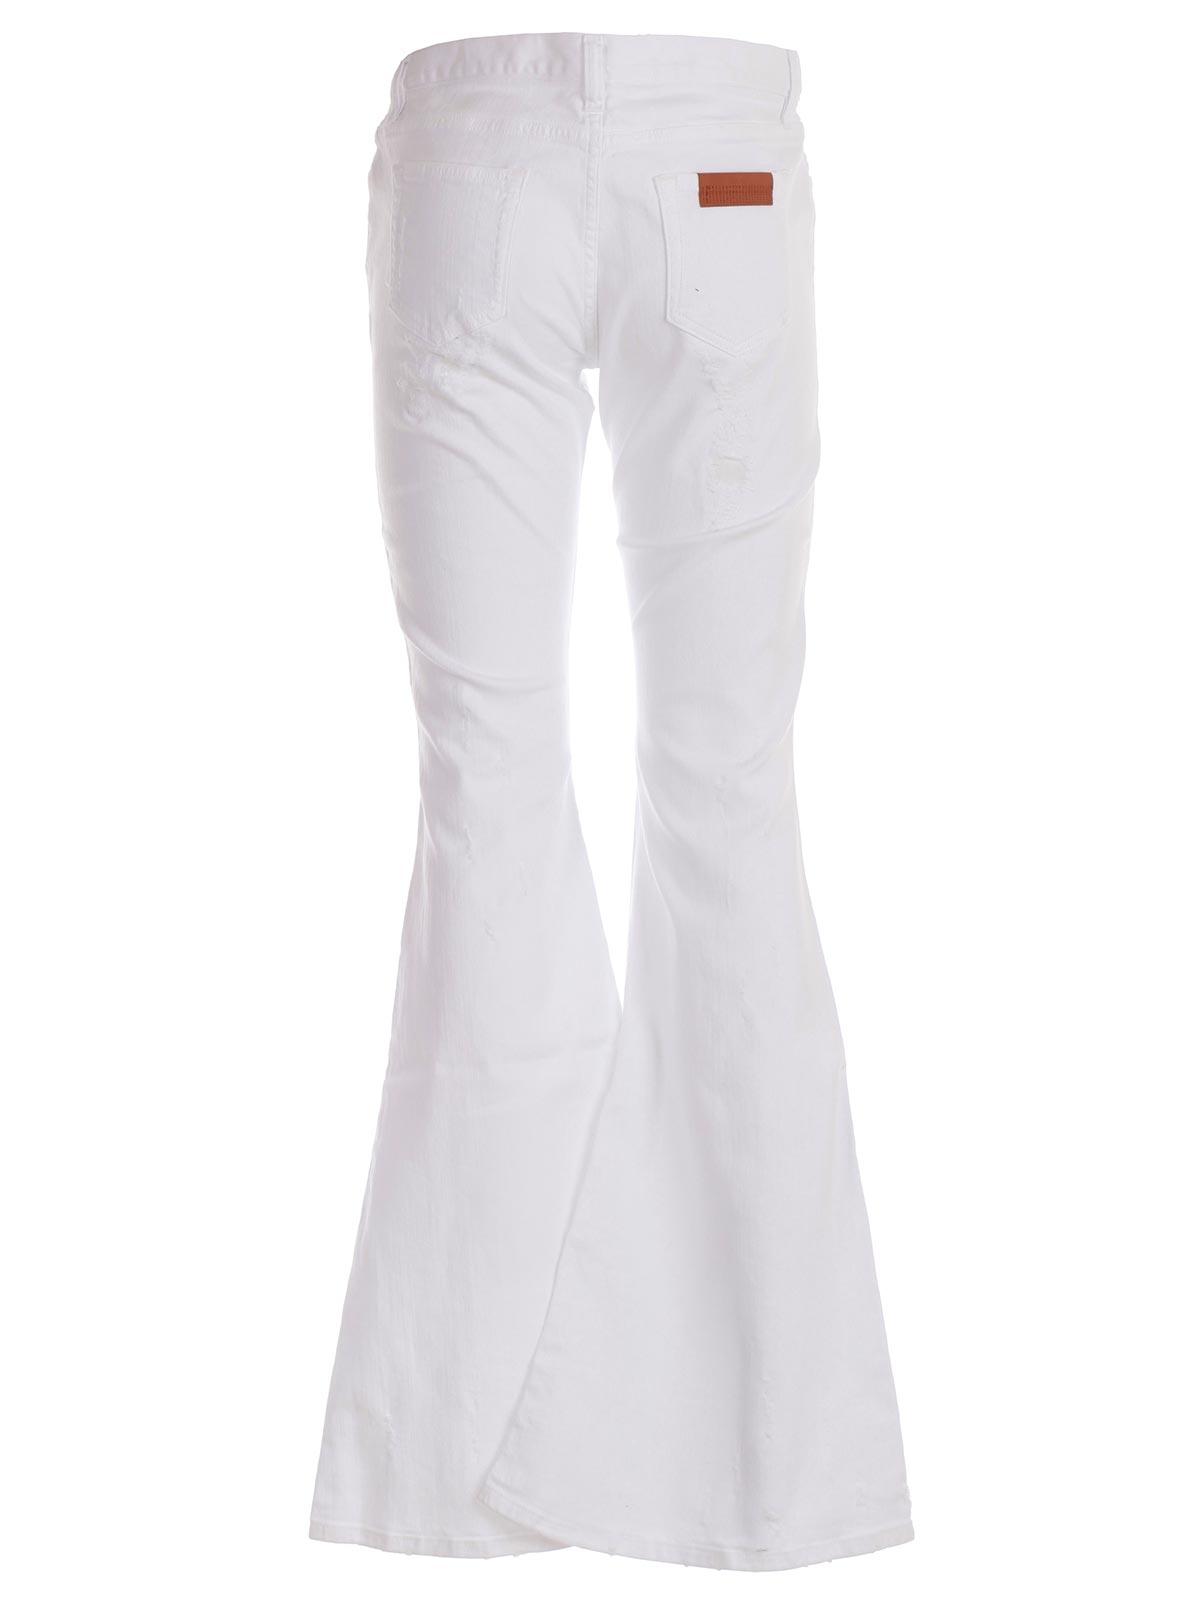 Picture of Faith Connexion Jeans